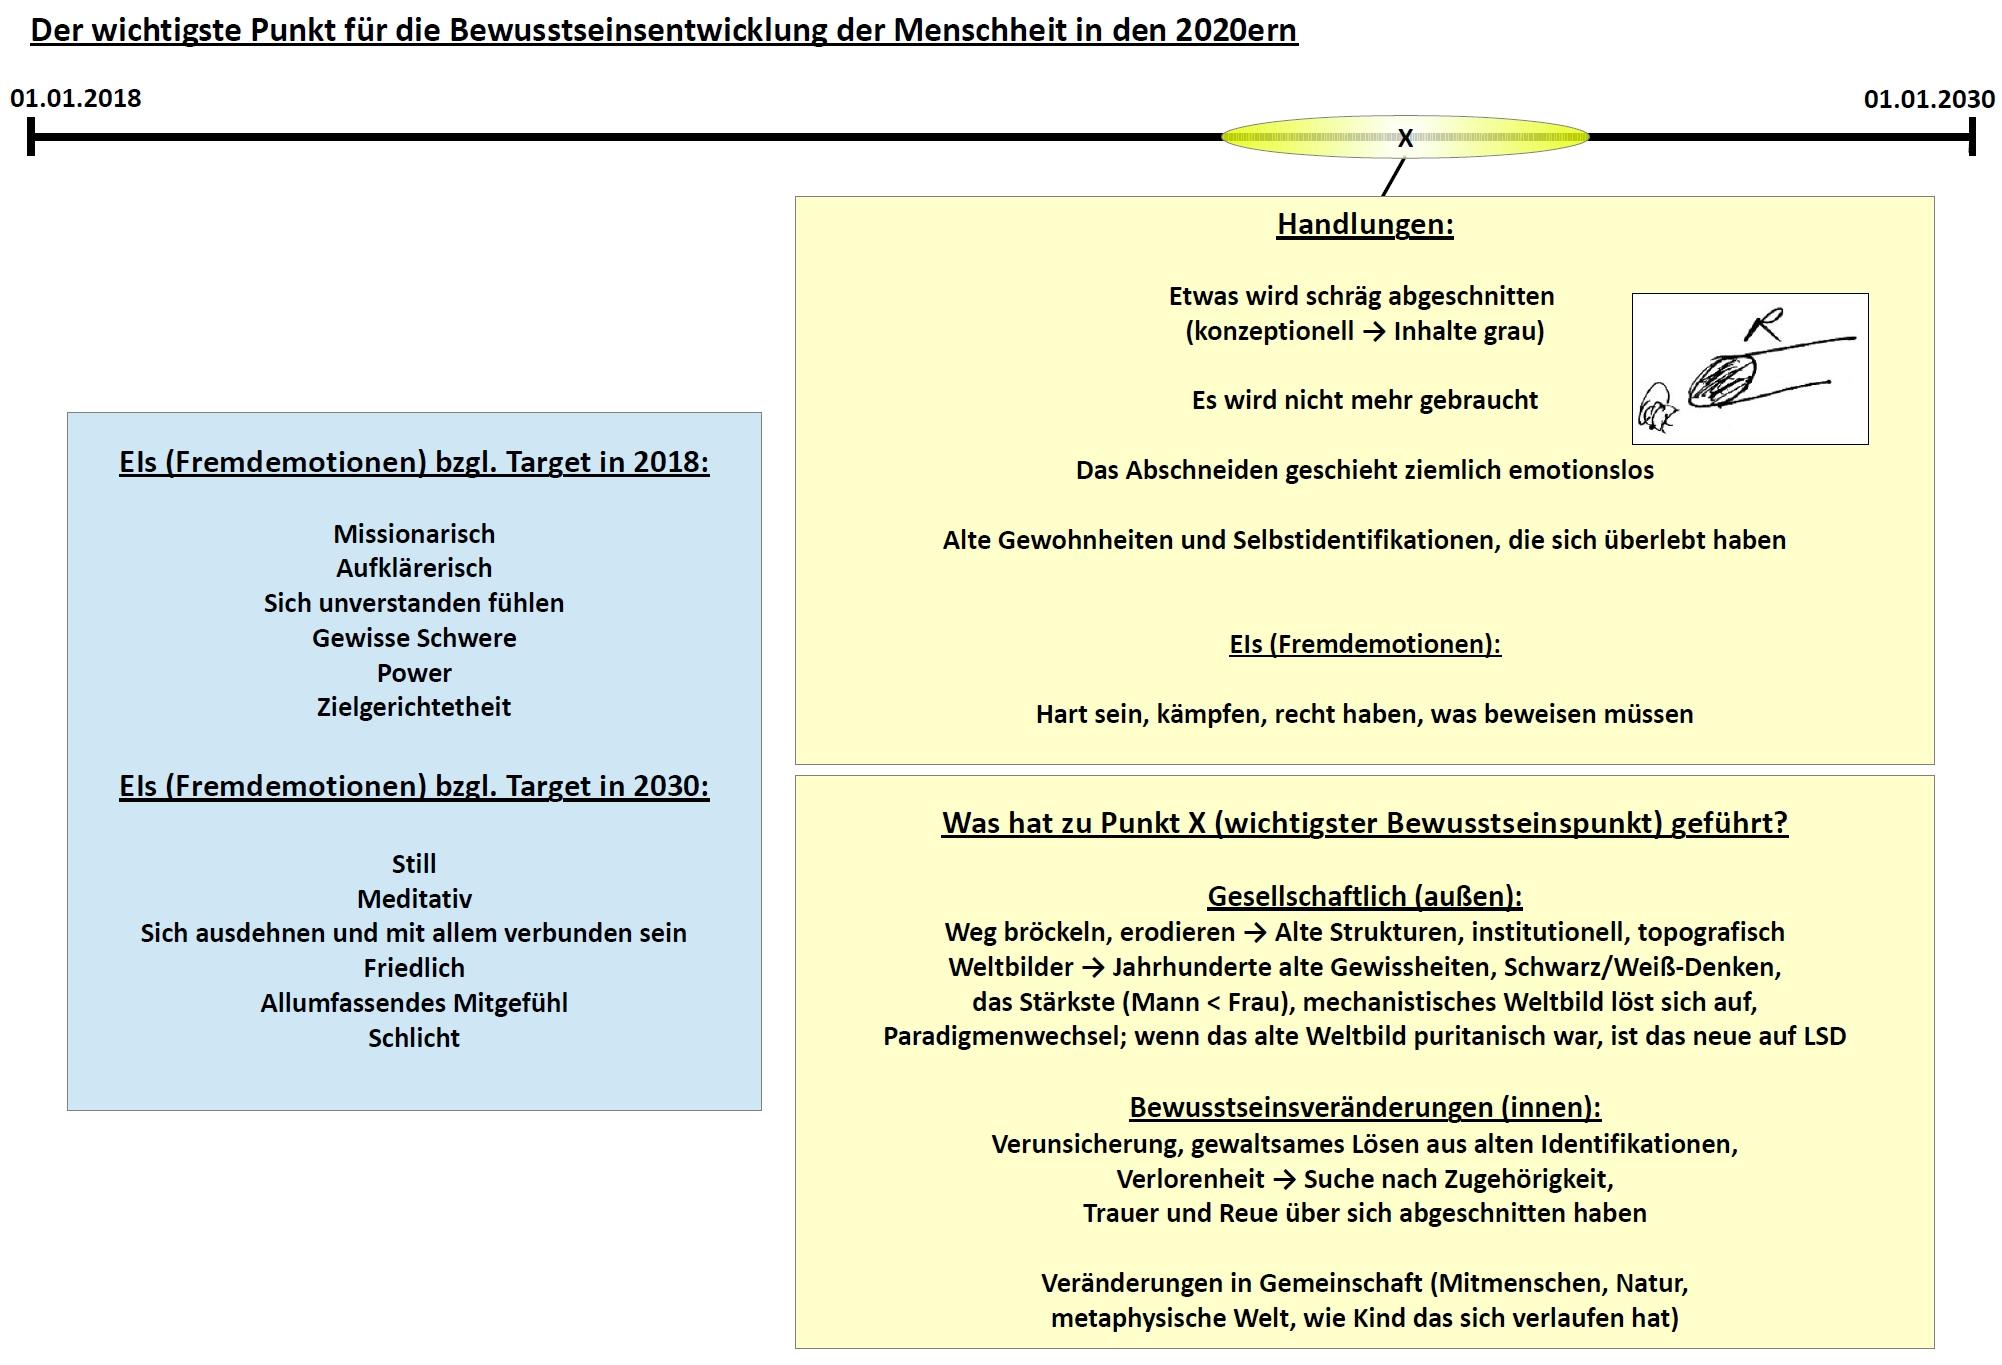 rv_zukunftsprojekt2-global_2020-2030-bewusstsein_01